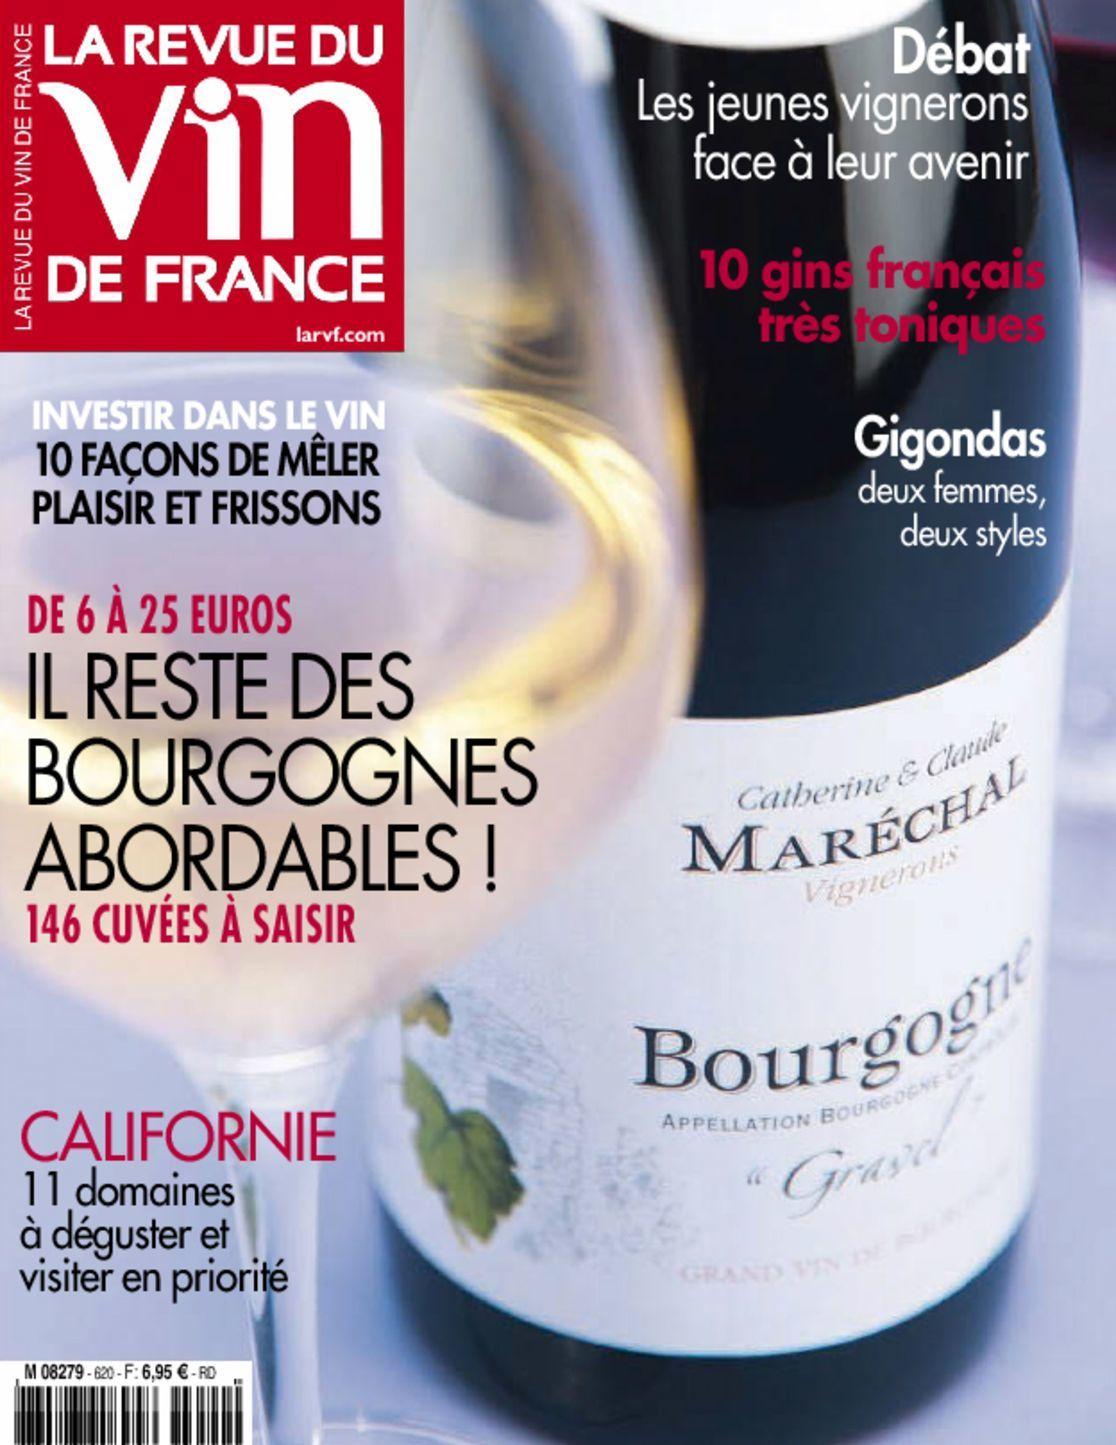 La revue du vin de france magazine digital for Revue vin de france